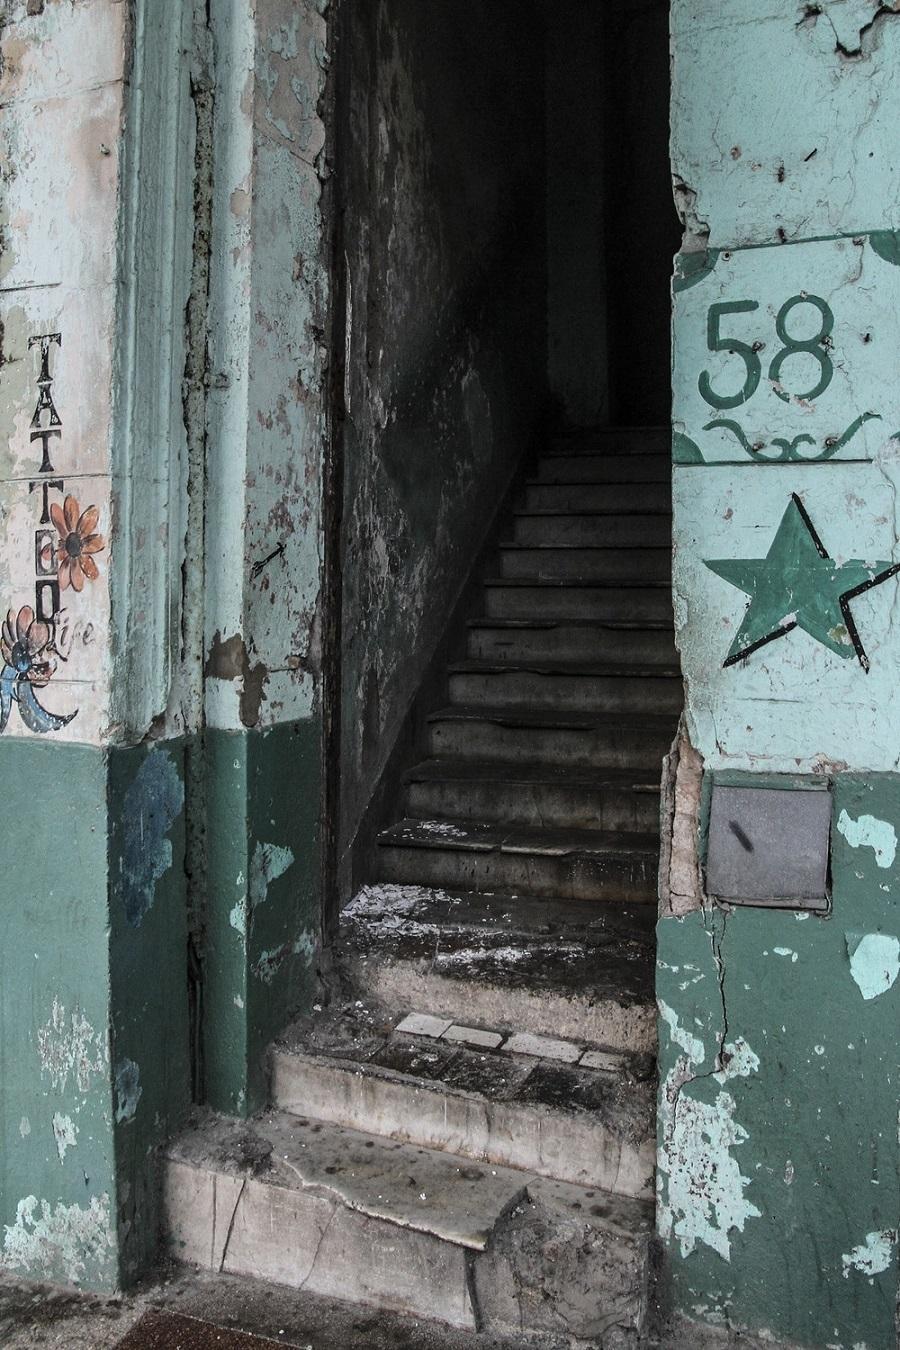 Ni bebiéndose todo el ron de Cuba uno reuniría valor para hacerse un tatuaje en este lugar. Foto: Gabriel Uchida